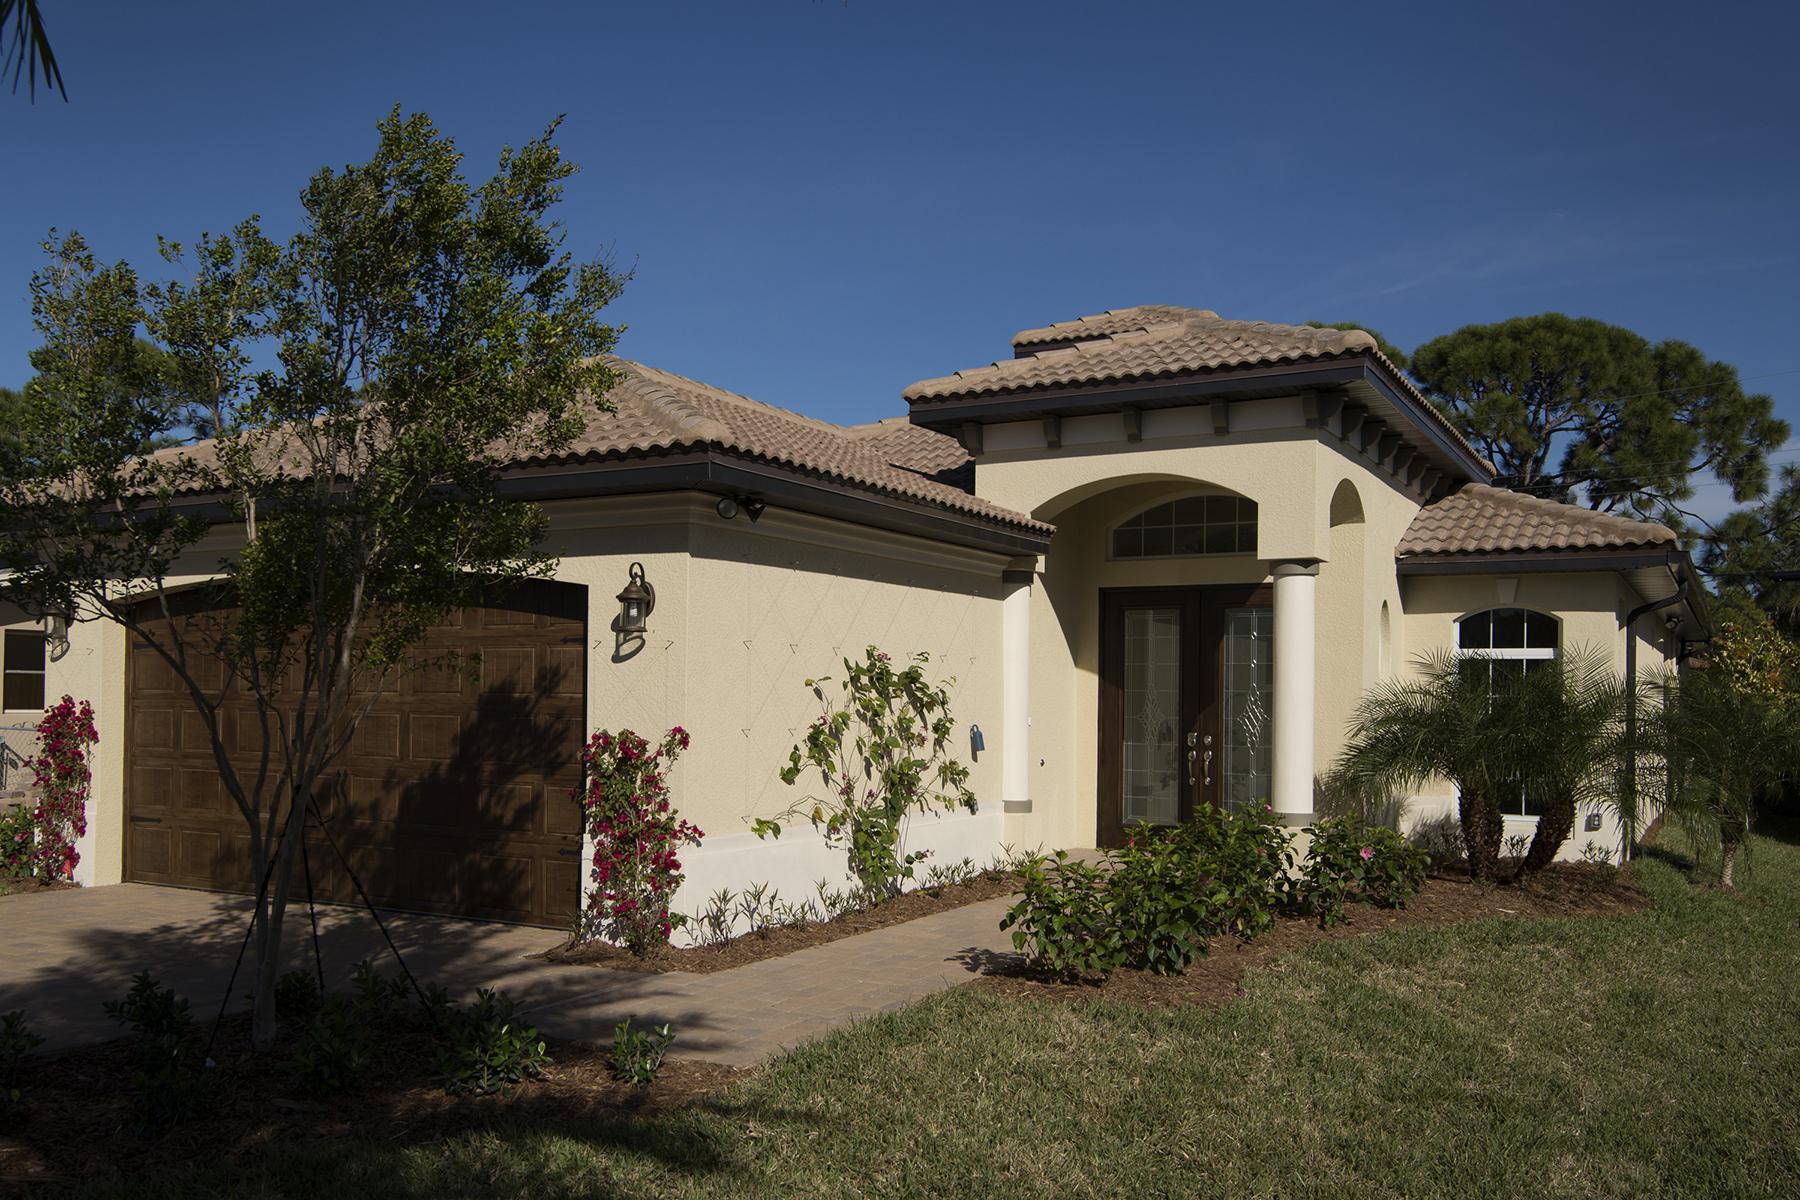 단독 가정 주택 용 매매 에 NAPLES PARK 631 96th Ave N Naples, 플로리다 34108 미국